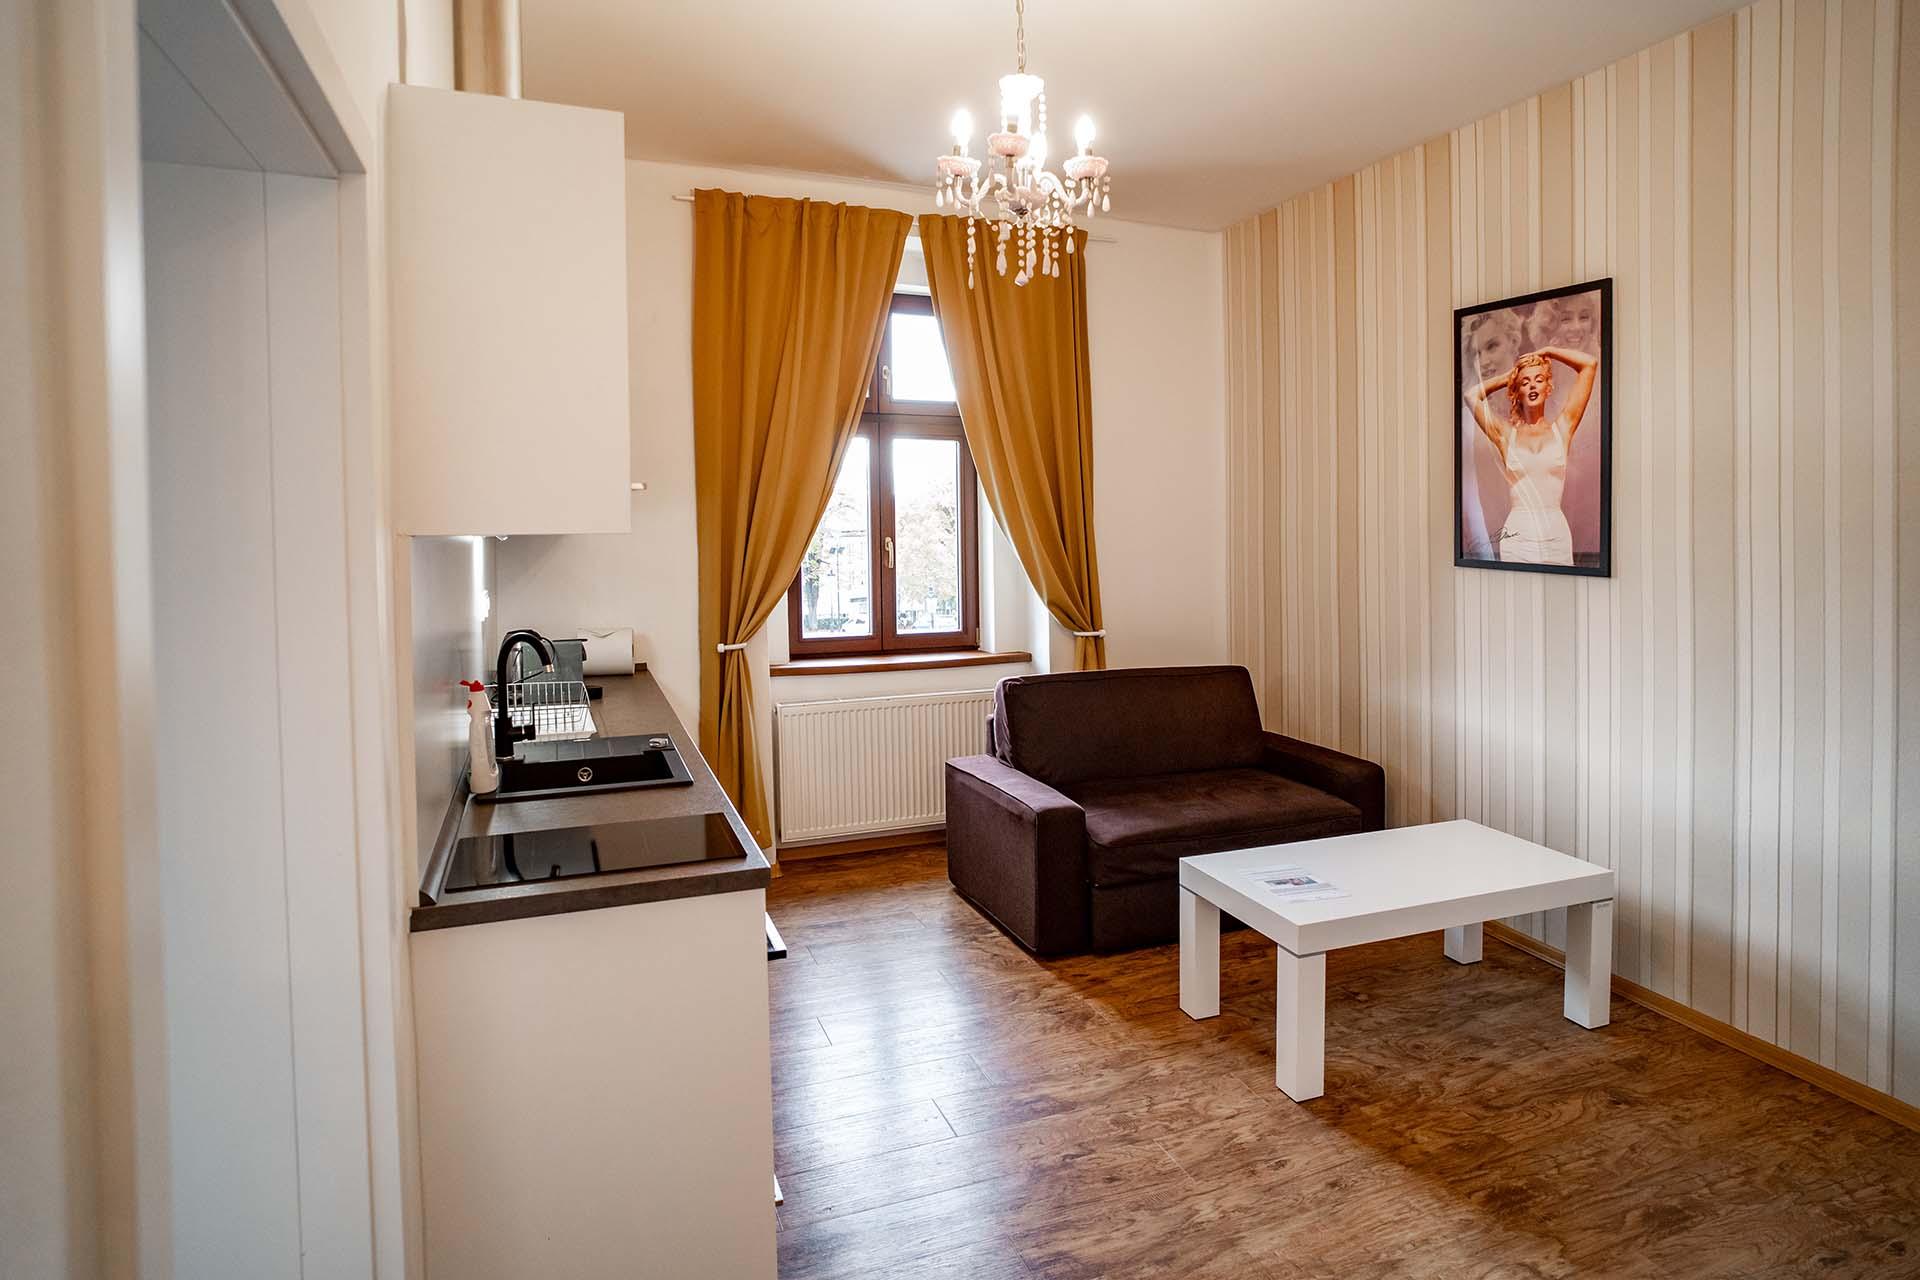 apartmany-obrazek-10